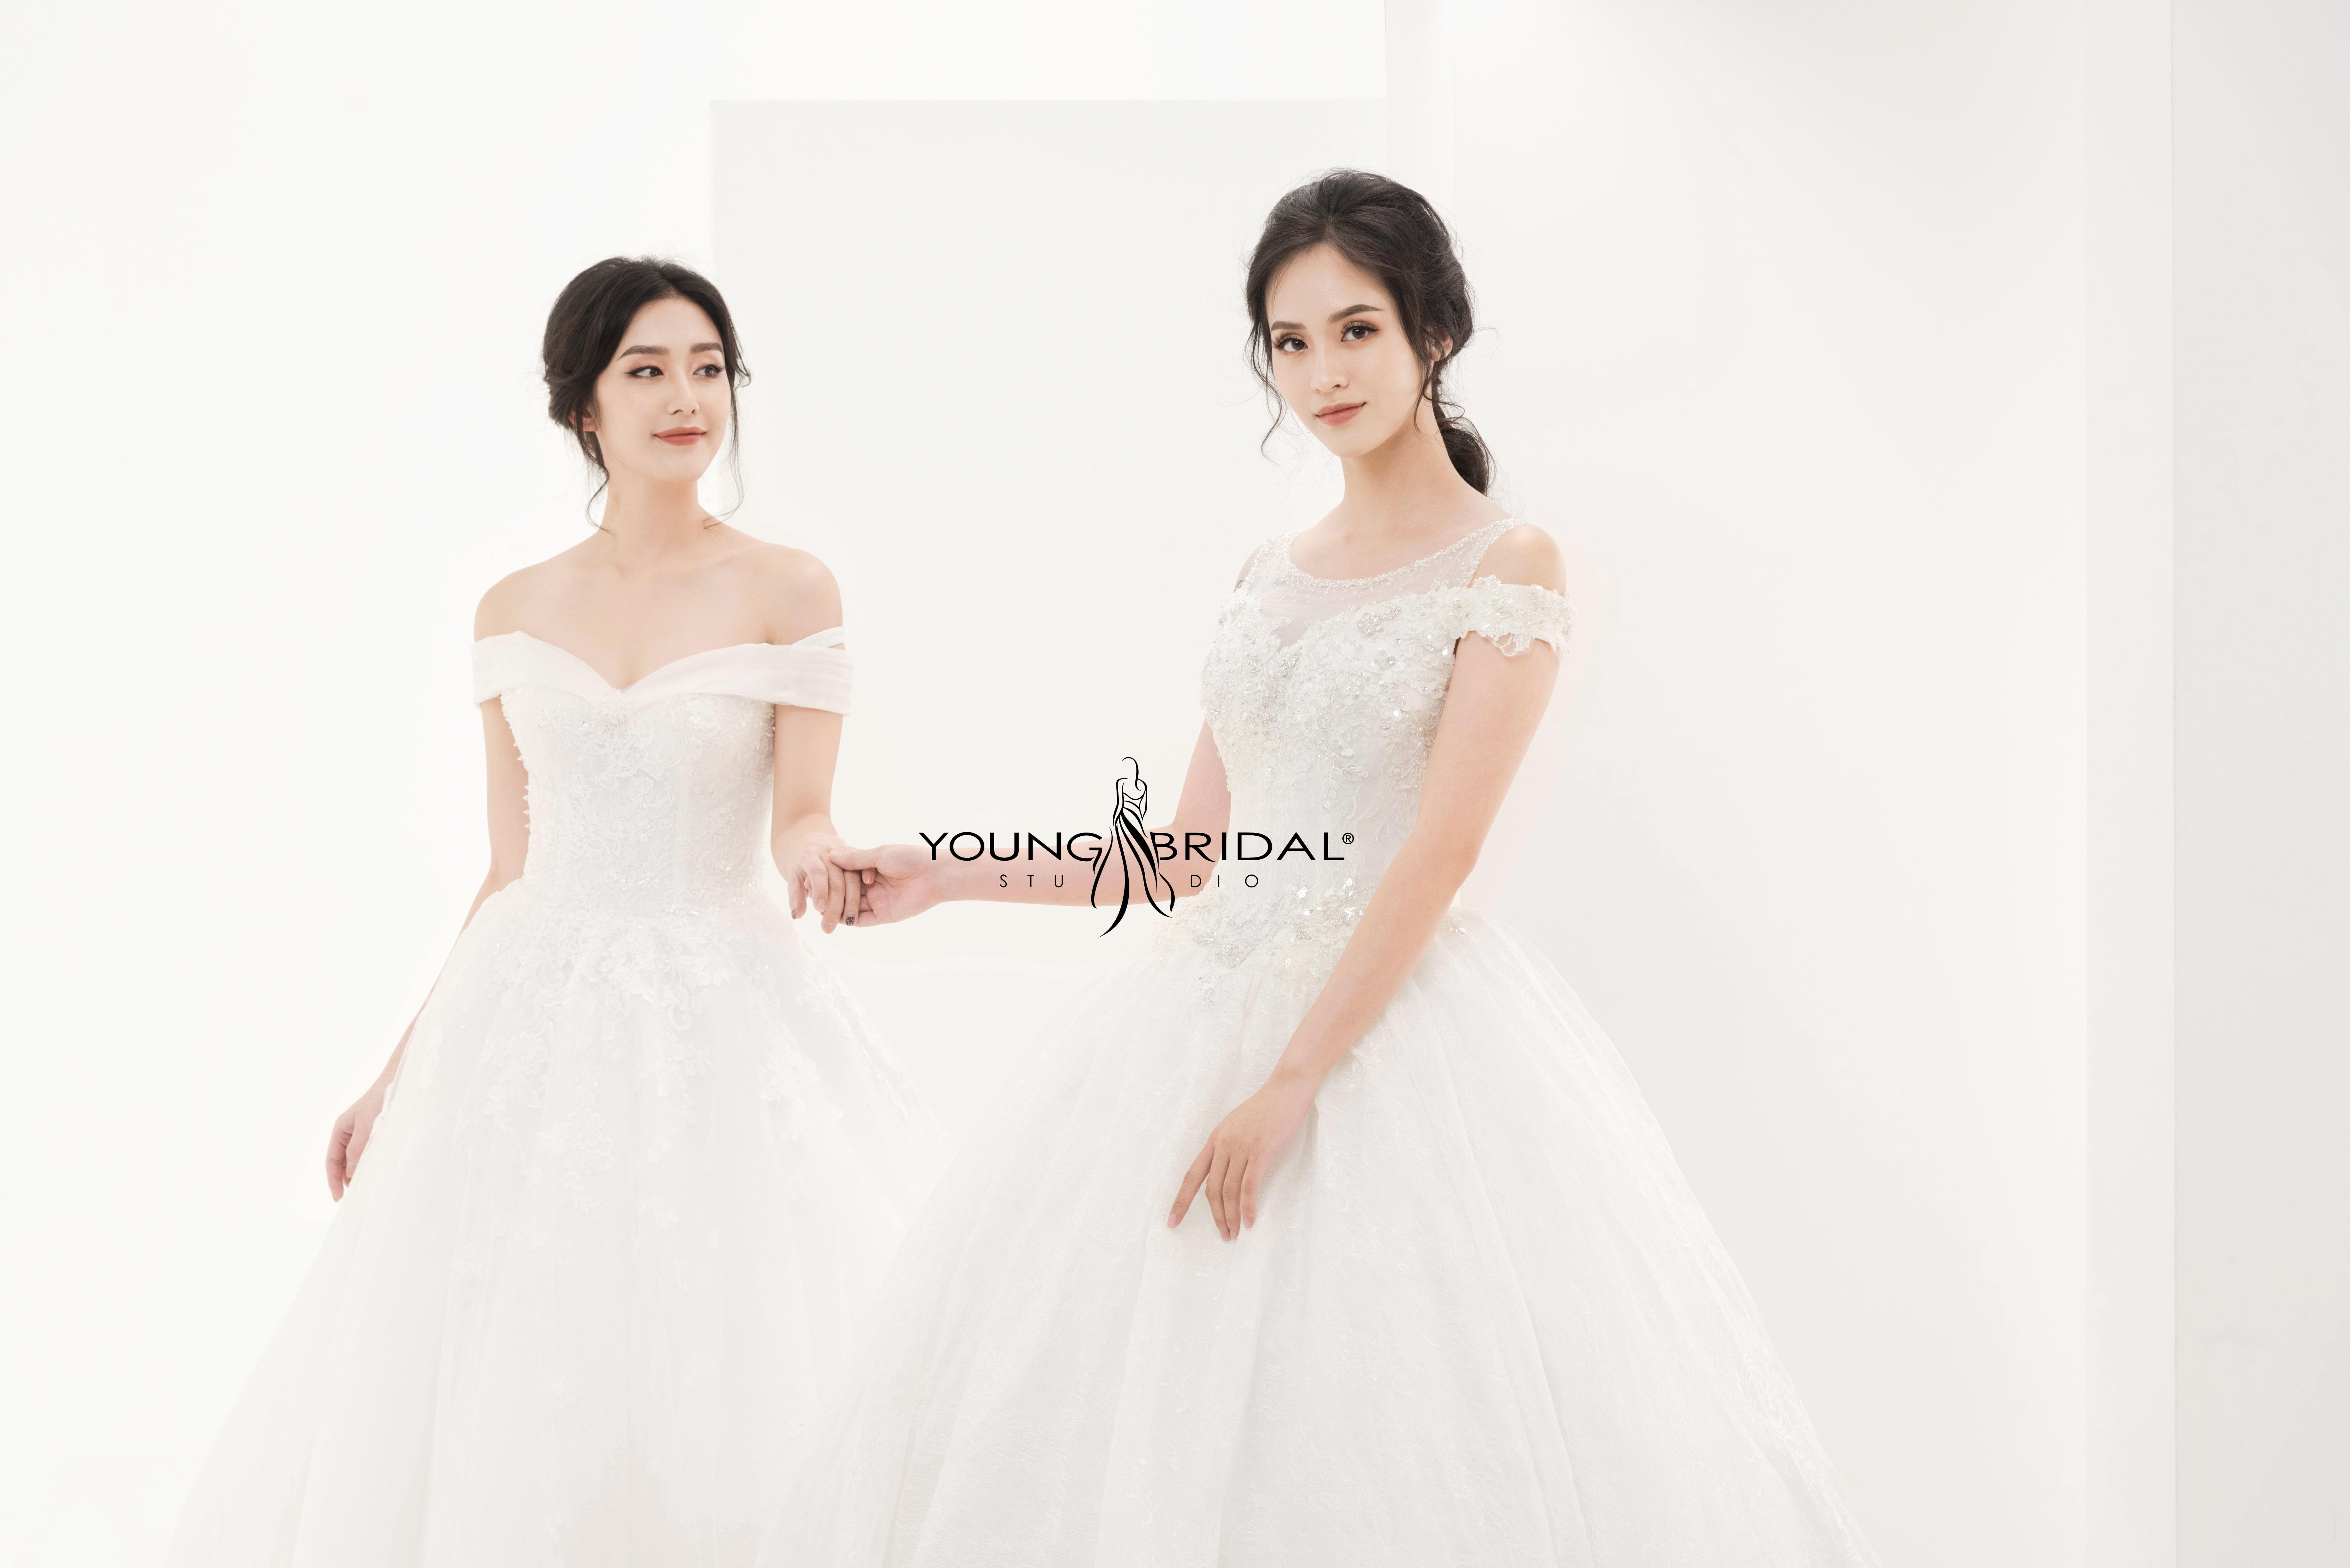 Young Bridal Ngọt Ngào